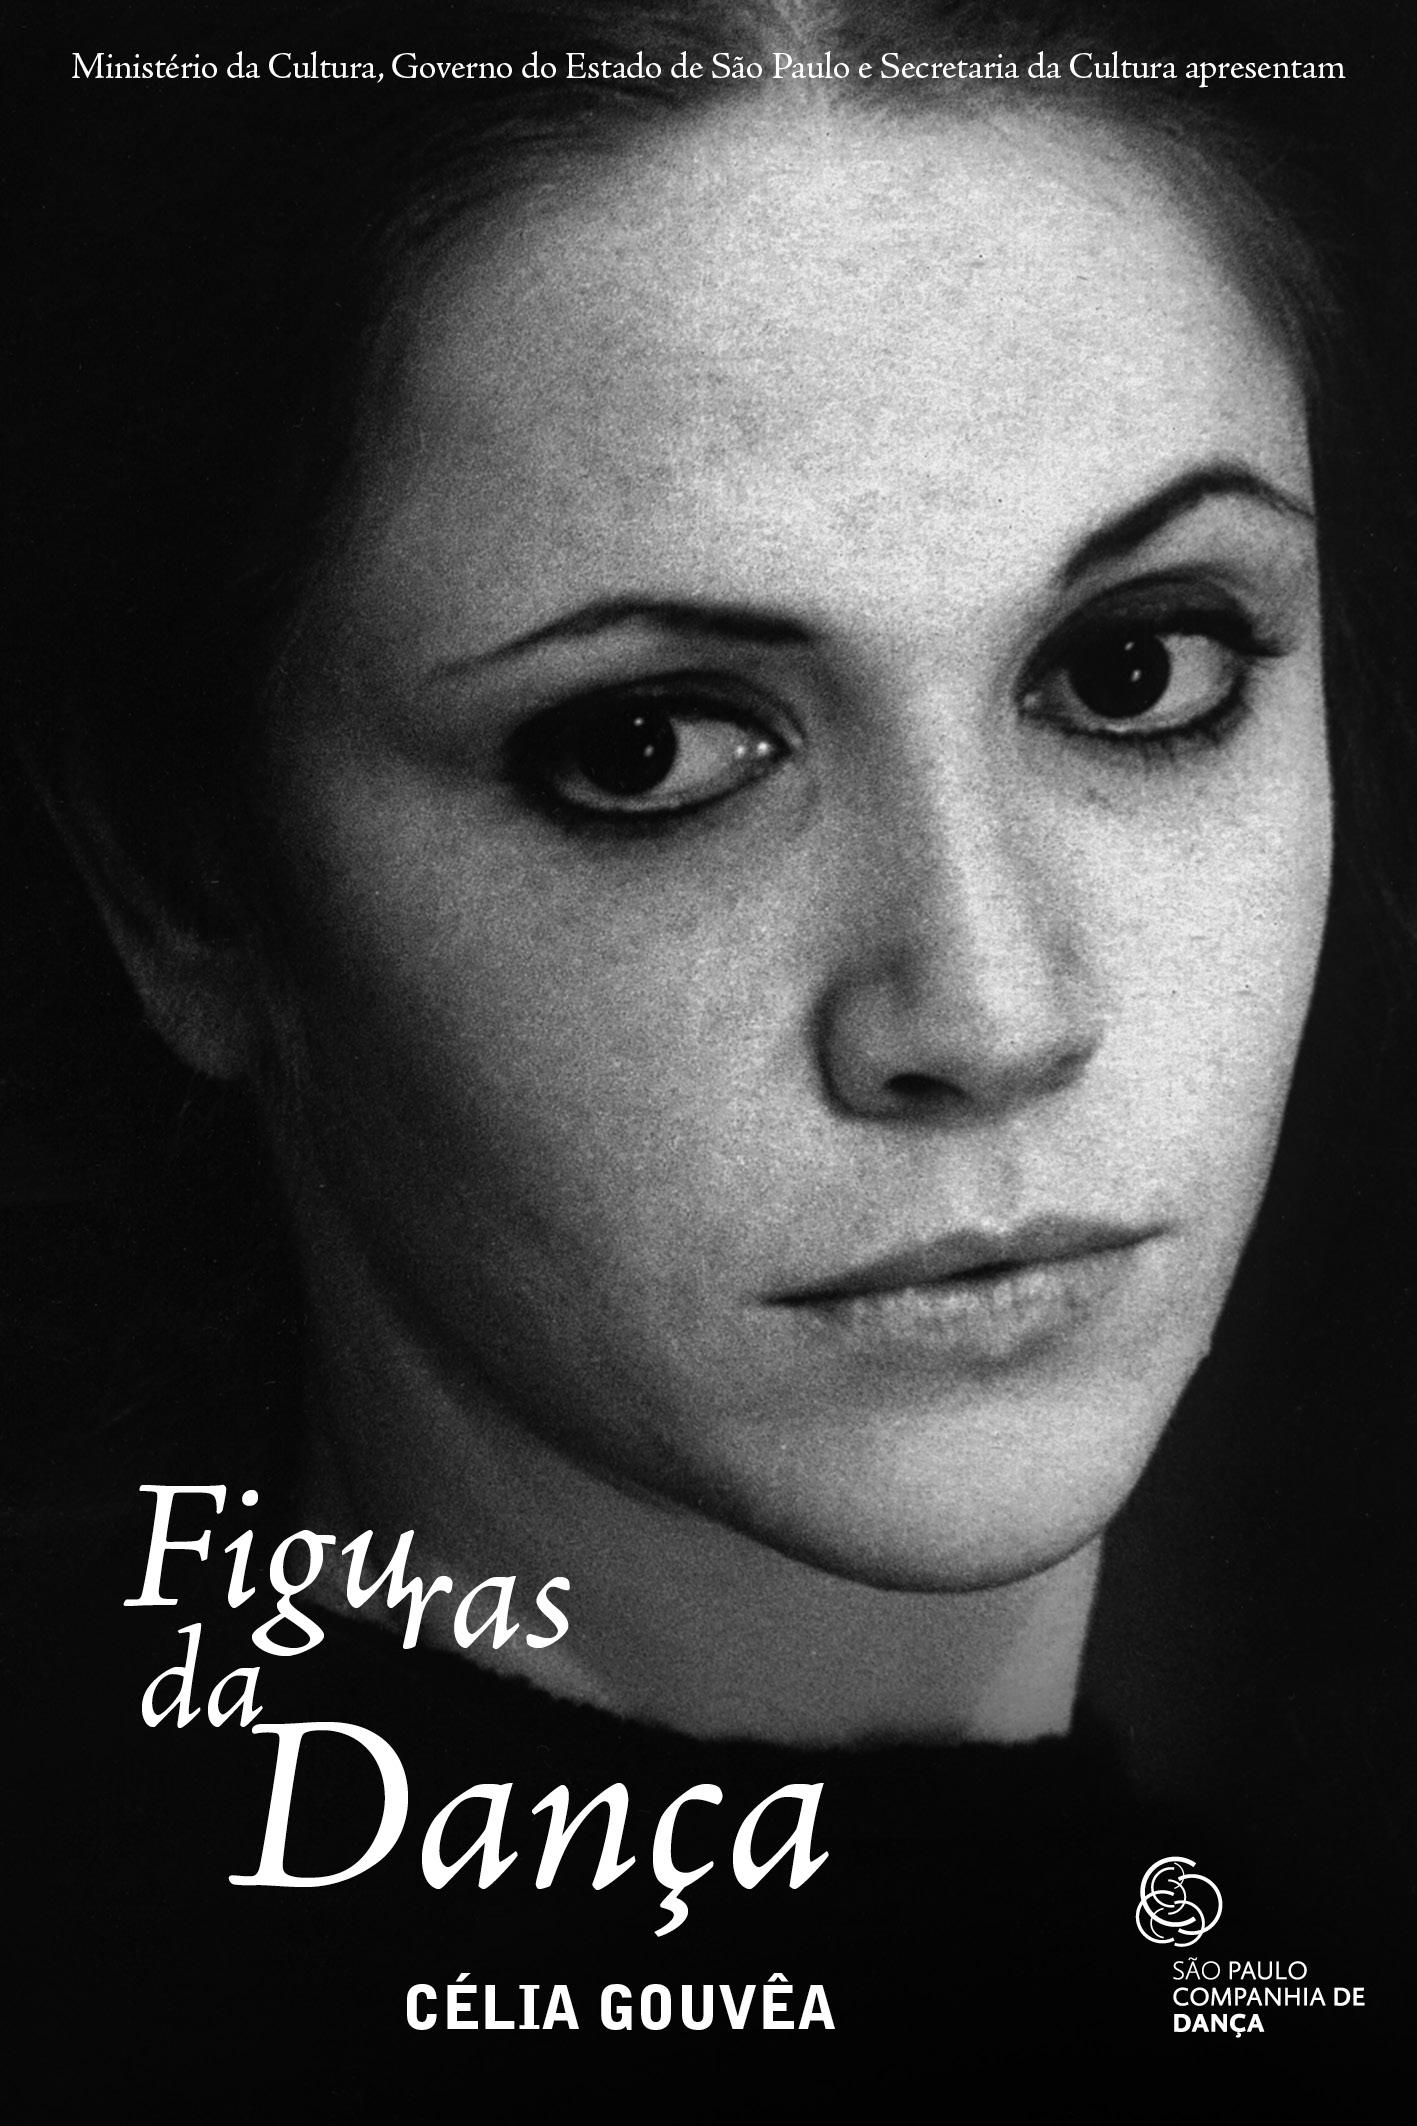 Célia Gouvêa (1949)